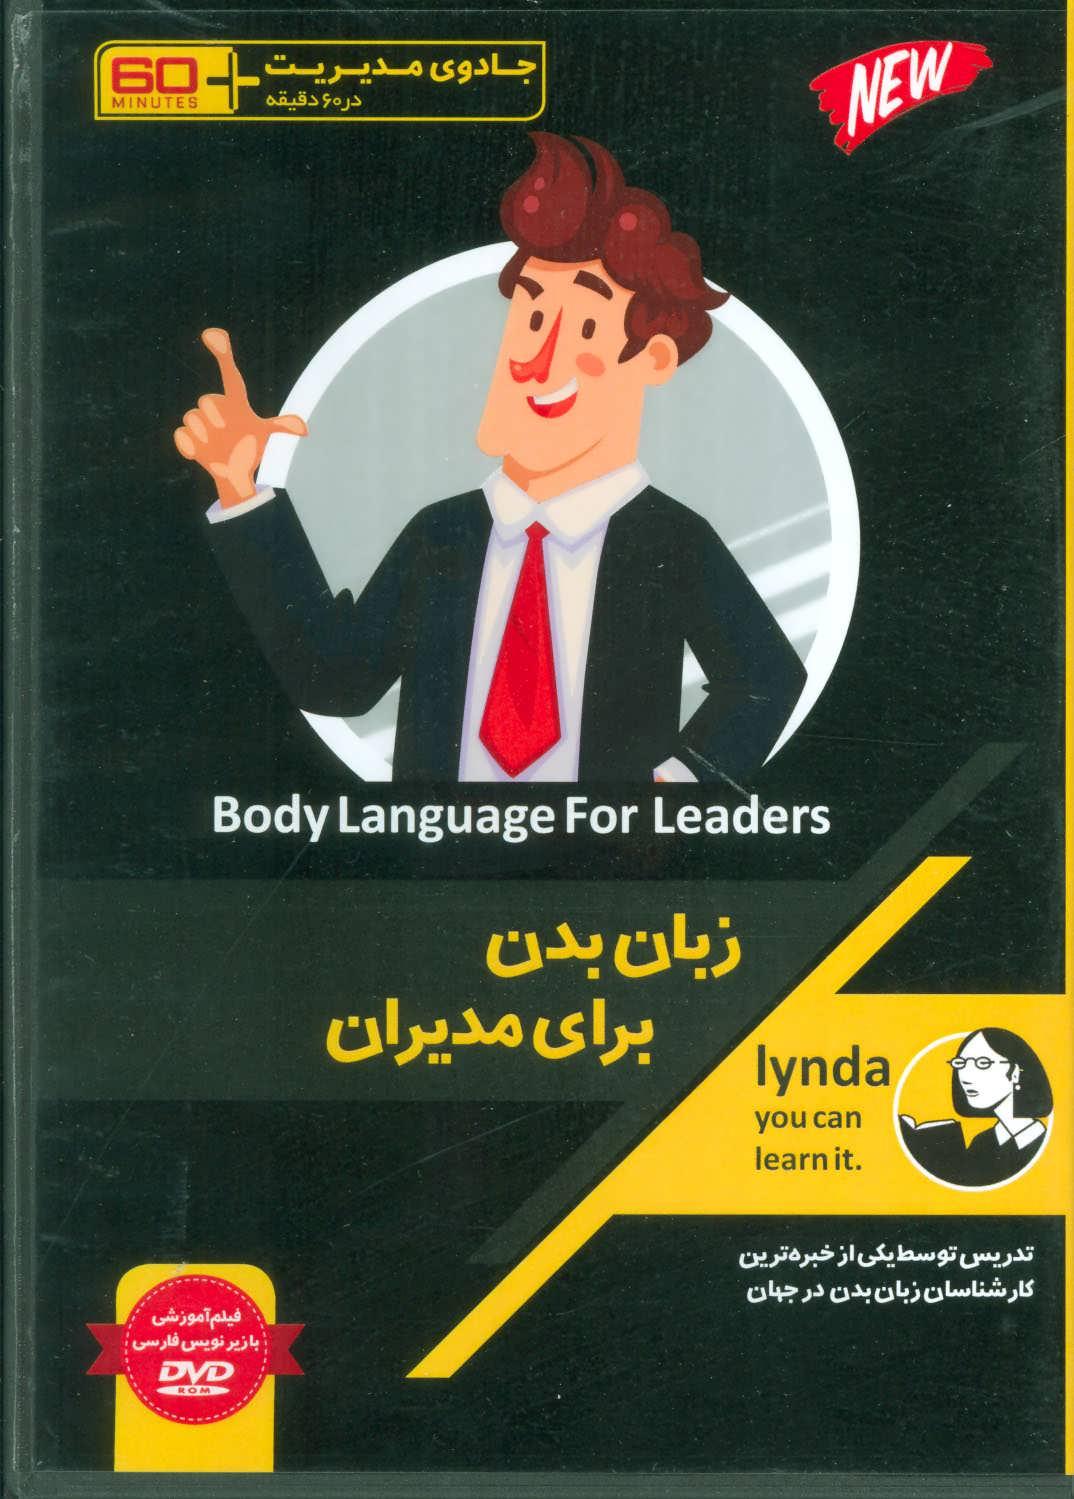 فیلم آموزشی زبان بدن برای مدیران (جادوی مدیریت در60 دقیقه)،(باقاب)